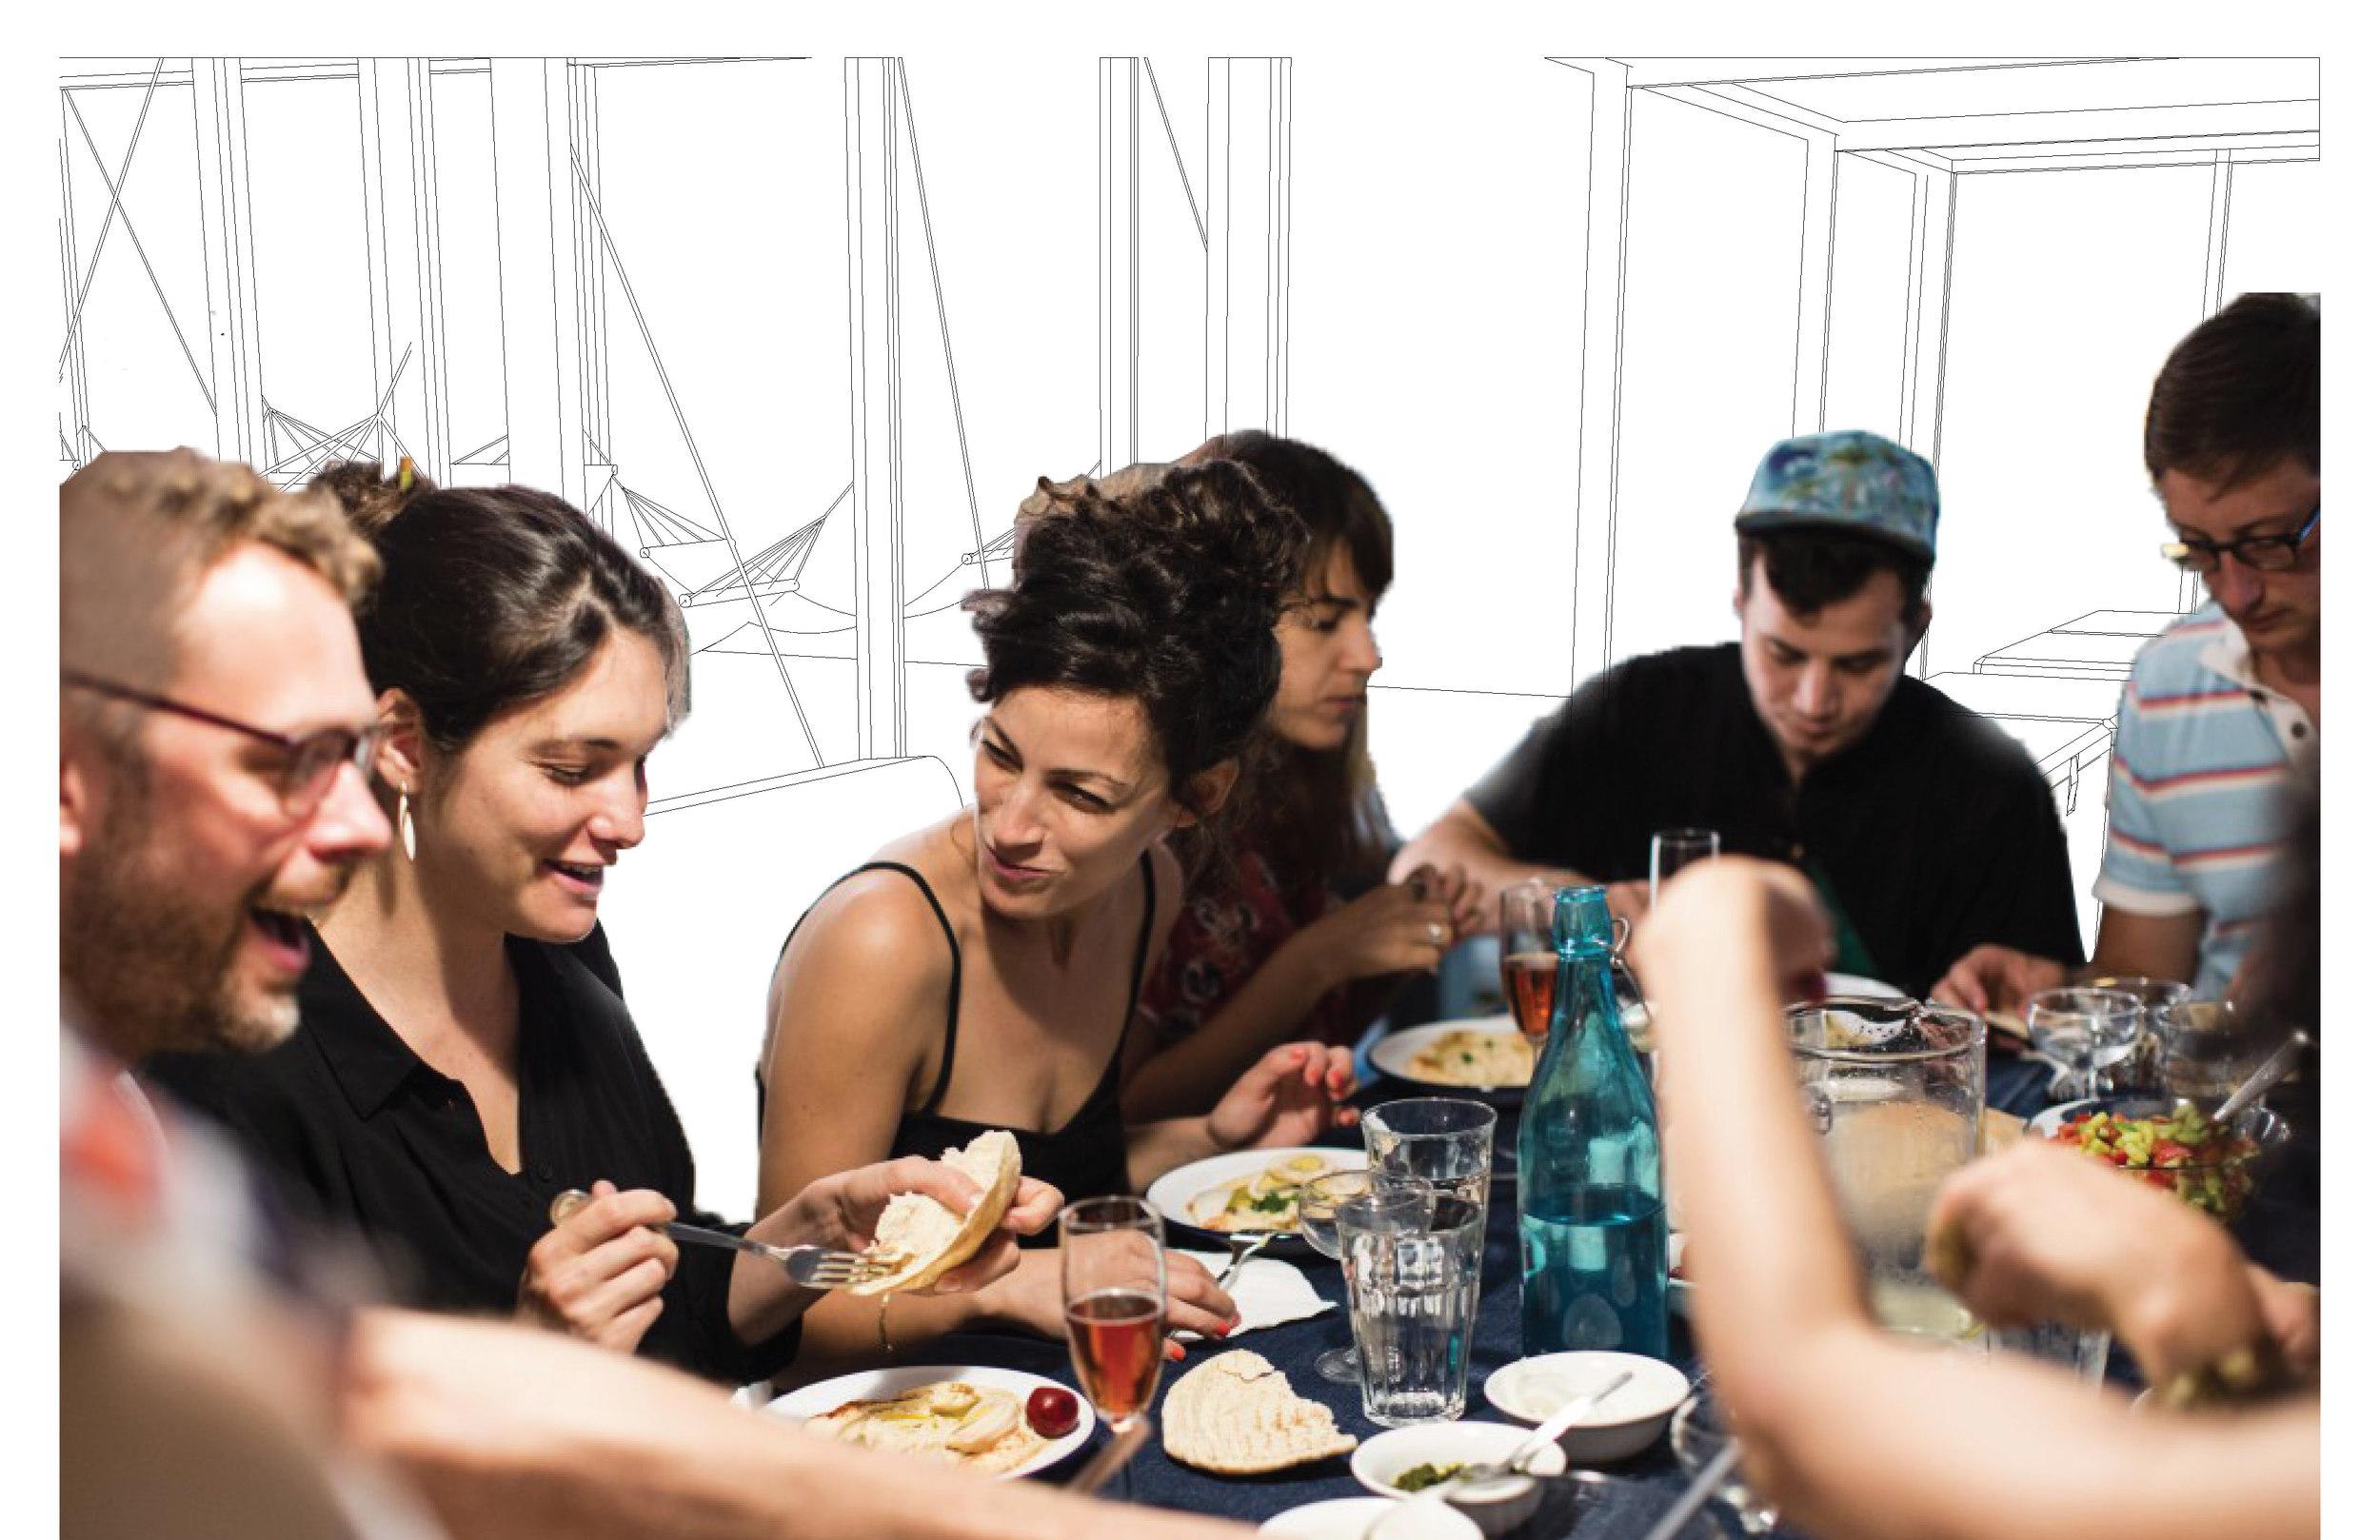 ...communal eating,...